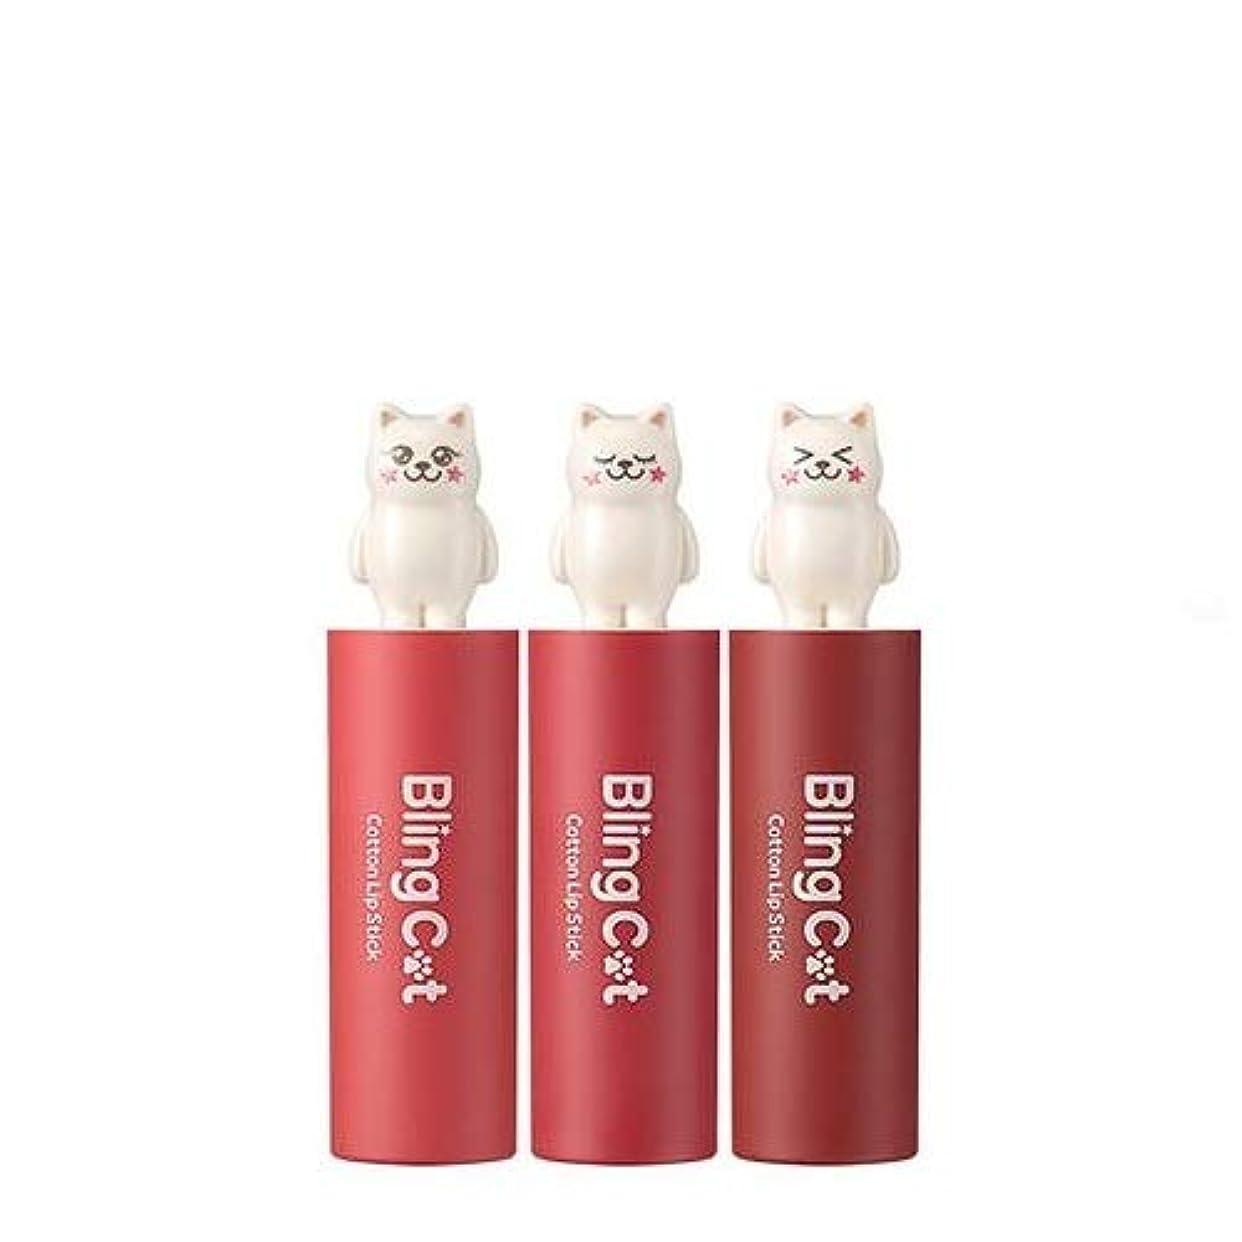 ライラック苛性雨トニーモリー ブリングキャット コットン リップスティック 3.4g / TONYMOLY Bling Cat Cotton Lipstick # 04. Little Coral [並行輸入品]